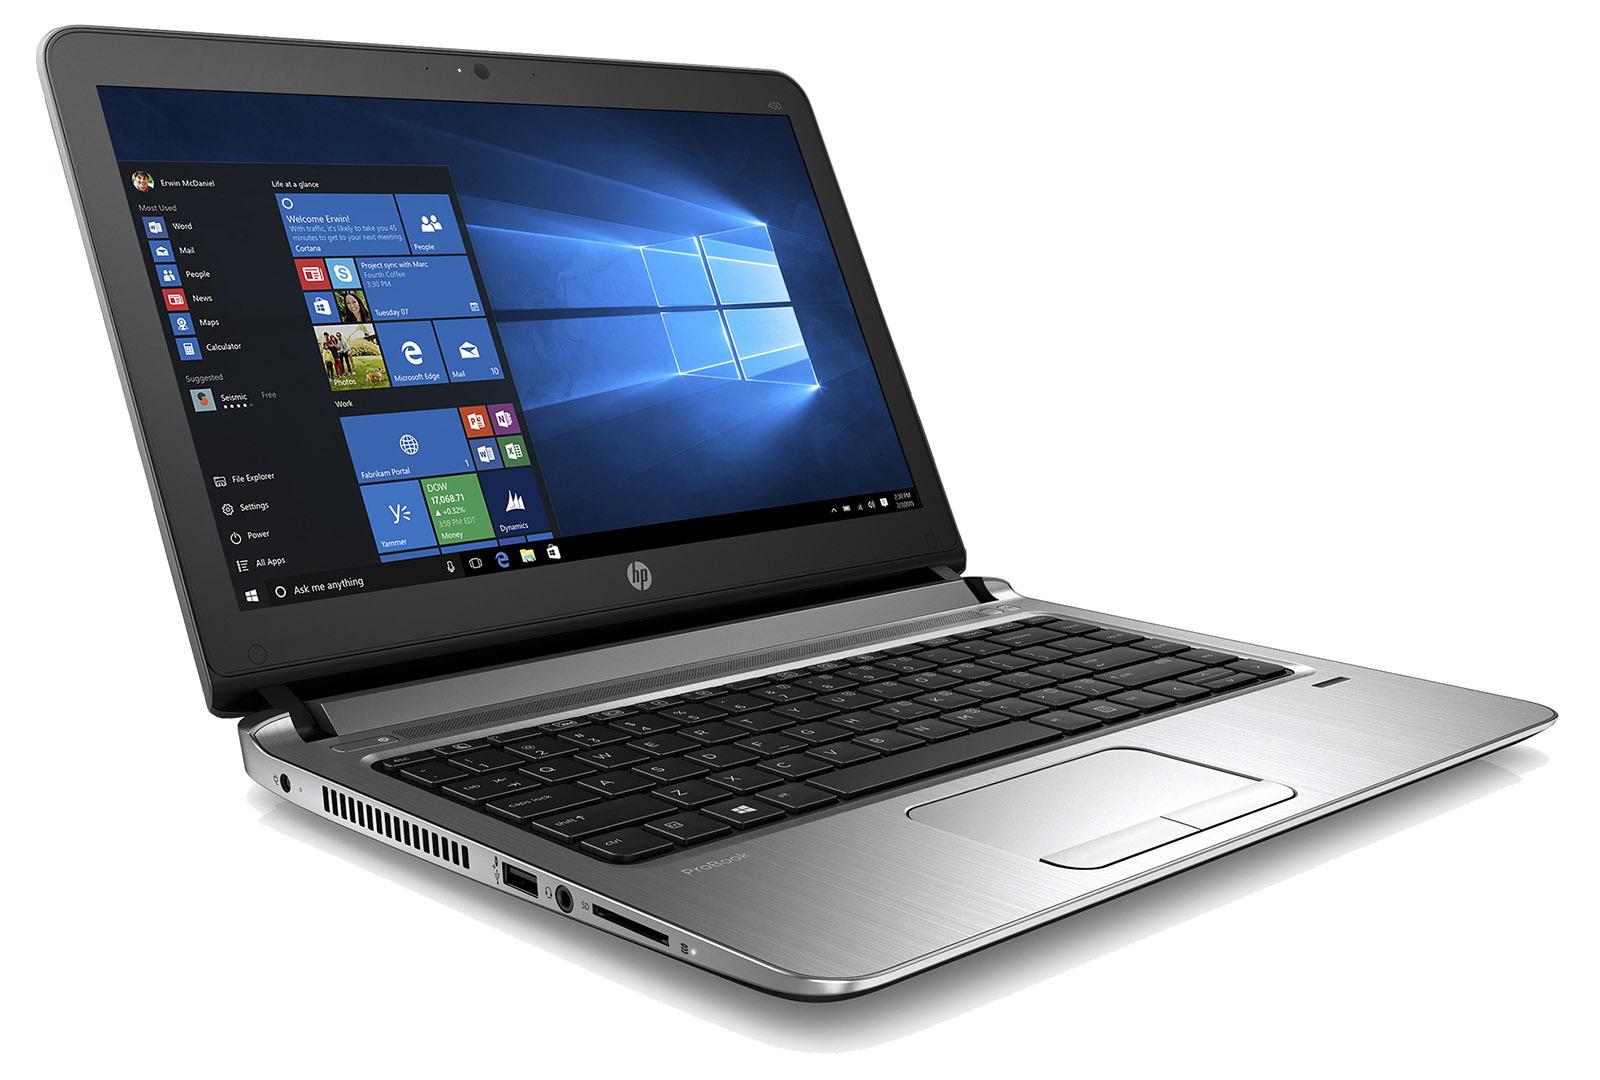 HP ProBook 430 G3 i3-6100U 13.3 HD 4GB 256SSD+volny DVD backlitKB FP W7P+W10P